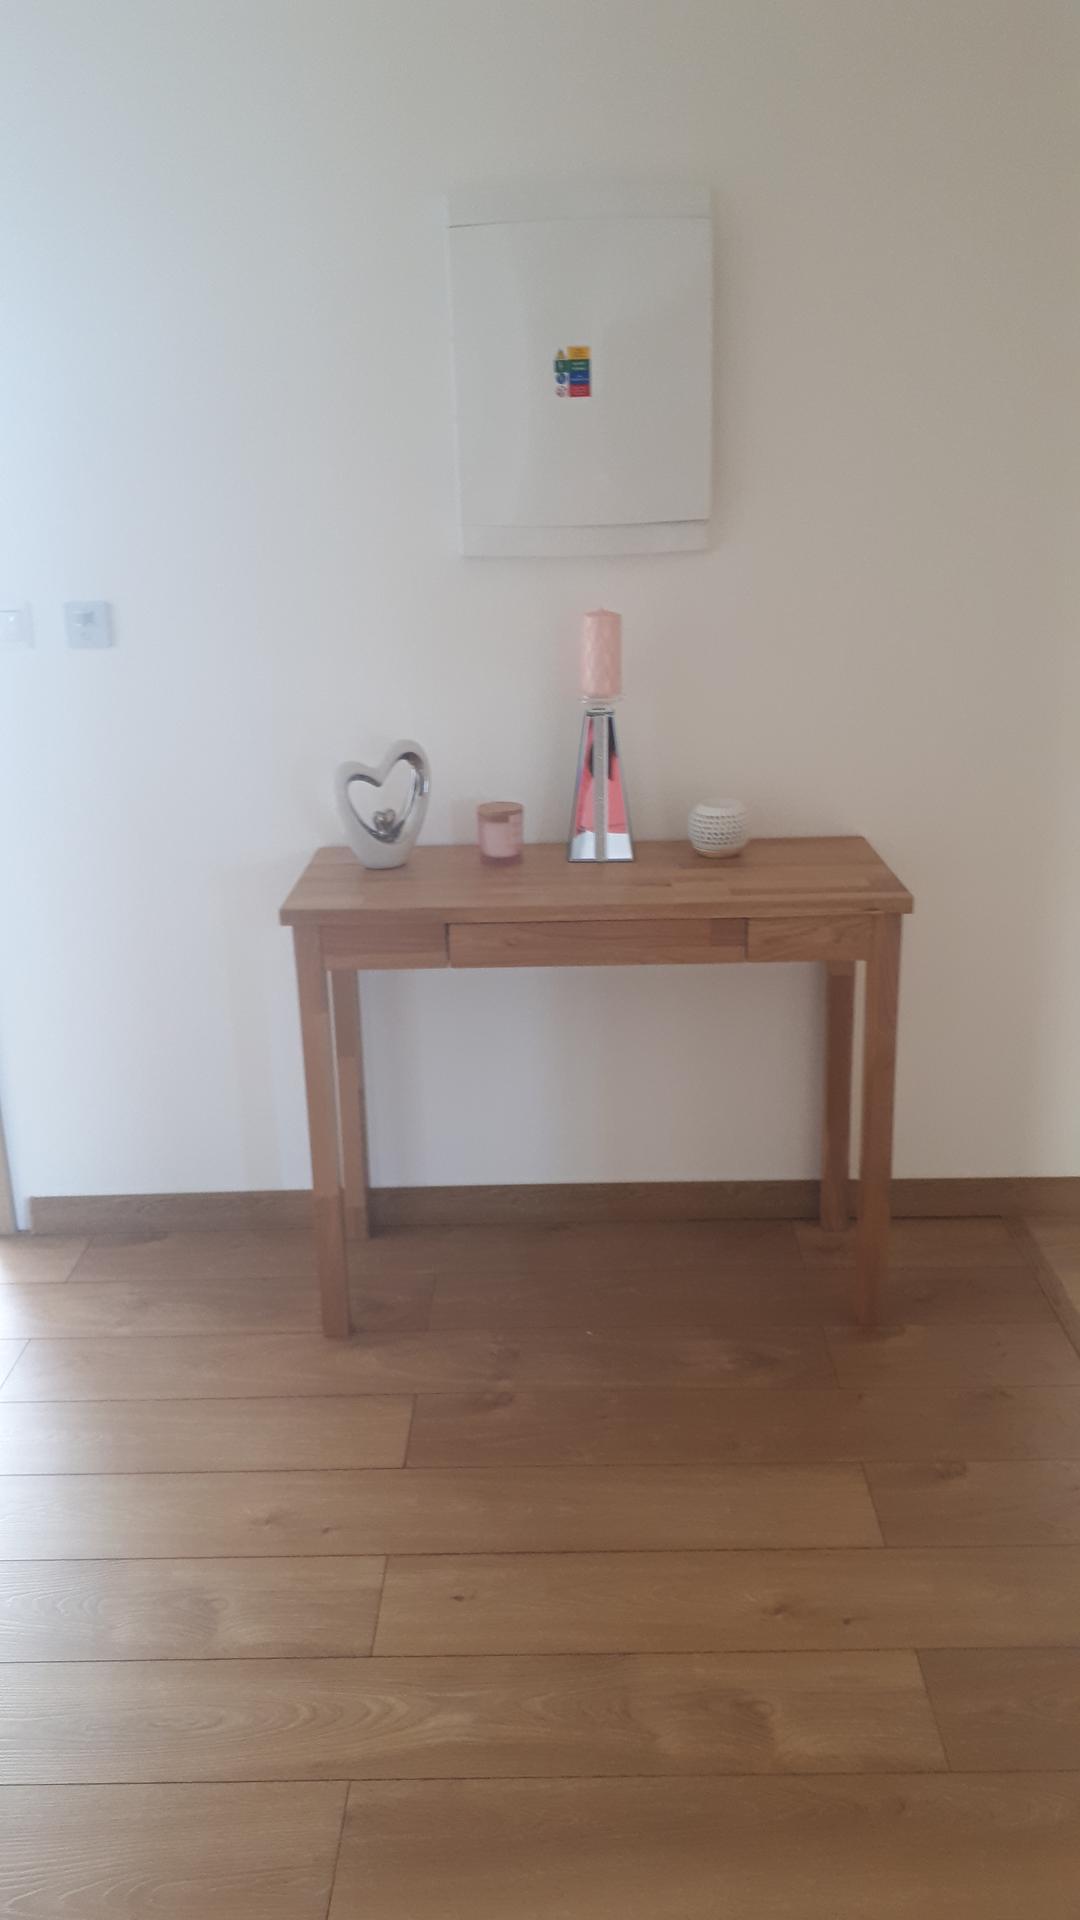 Ahojte, poraďte prosím...čo by ste dali na tento konzolový stolík, príp k stolíku, na stenu. Príde mi to veľni prázdne....ďakujem za každú radu 🙂 - Obrázok č. 2